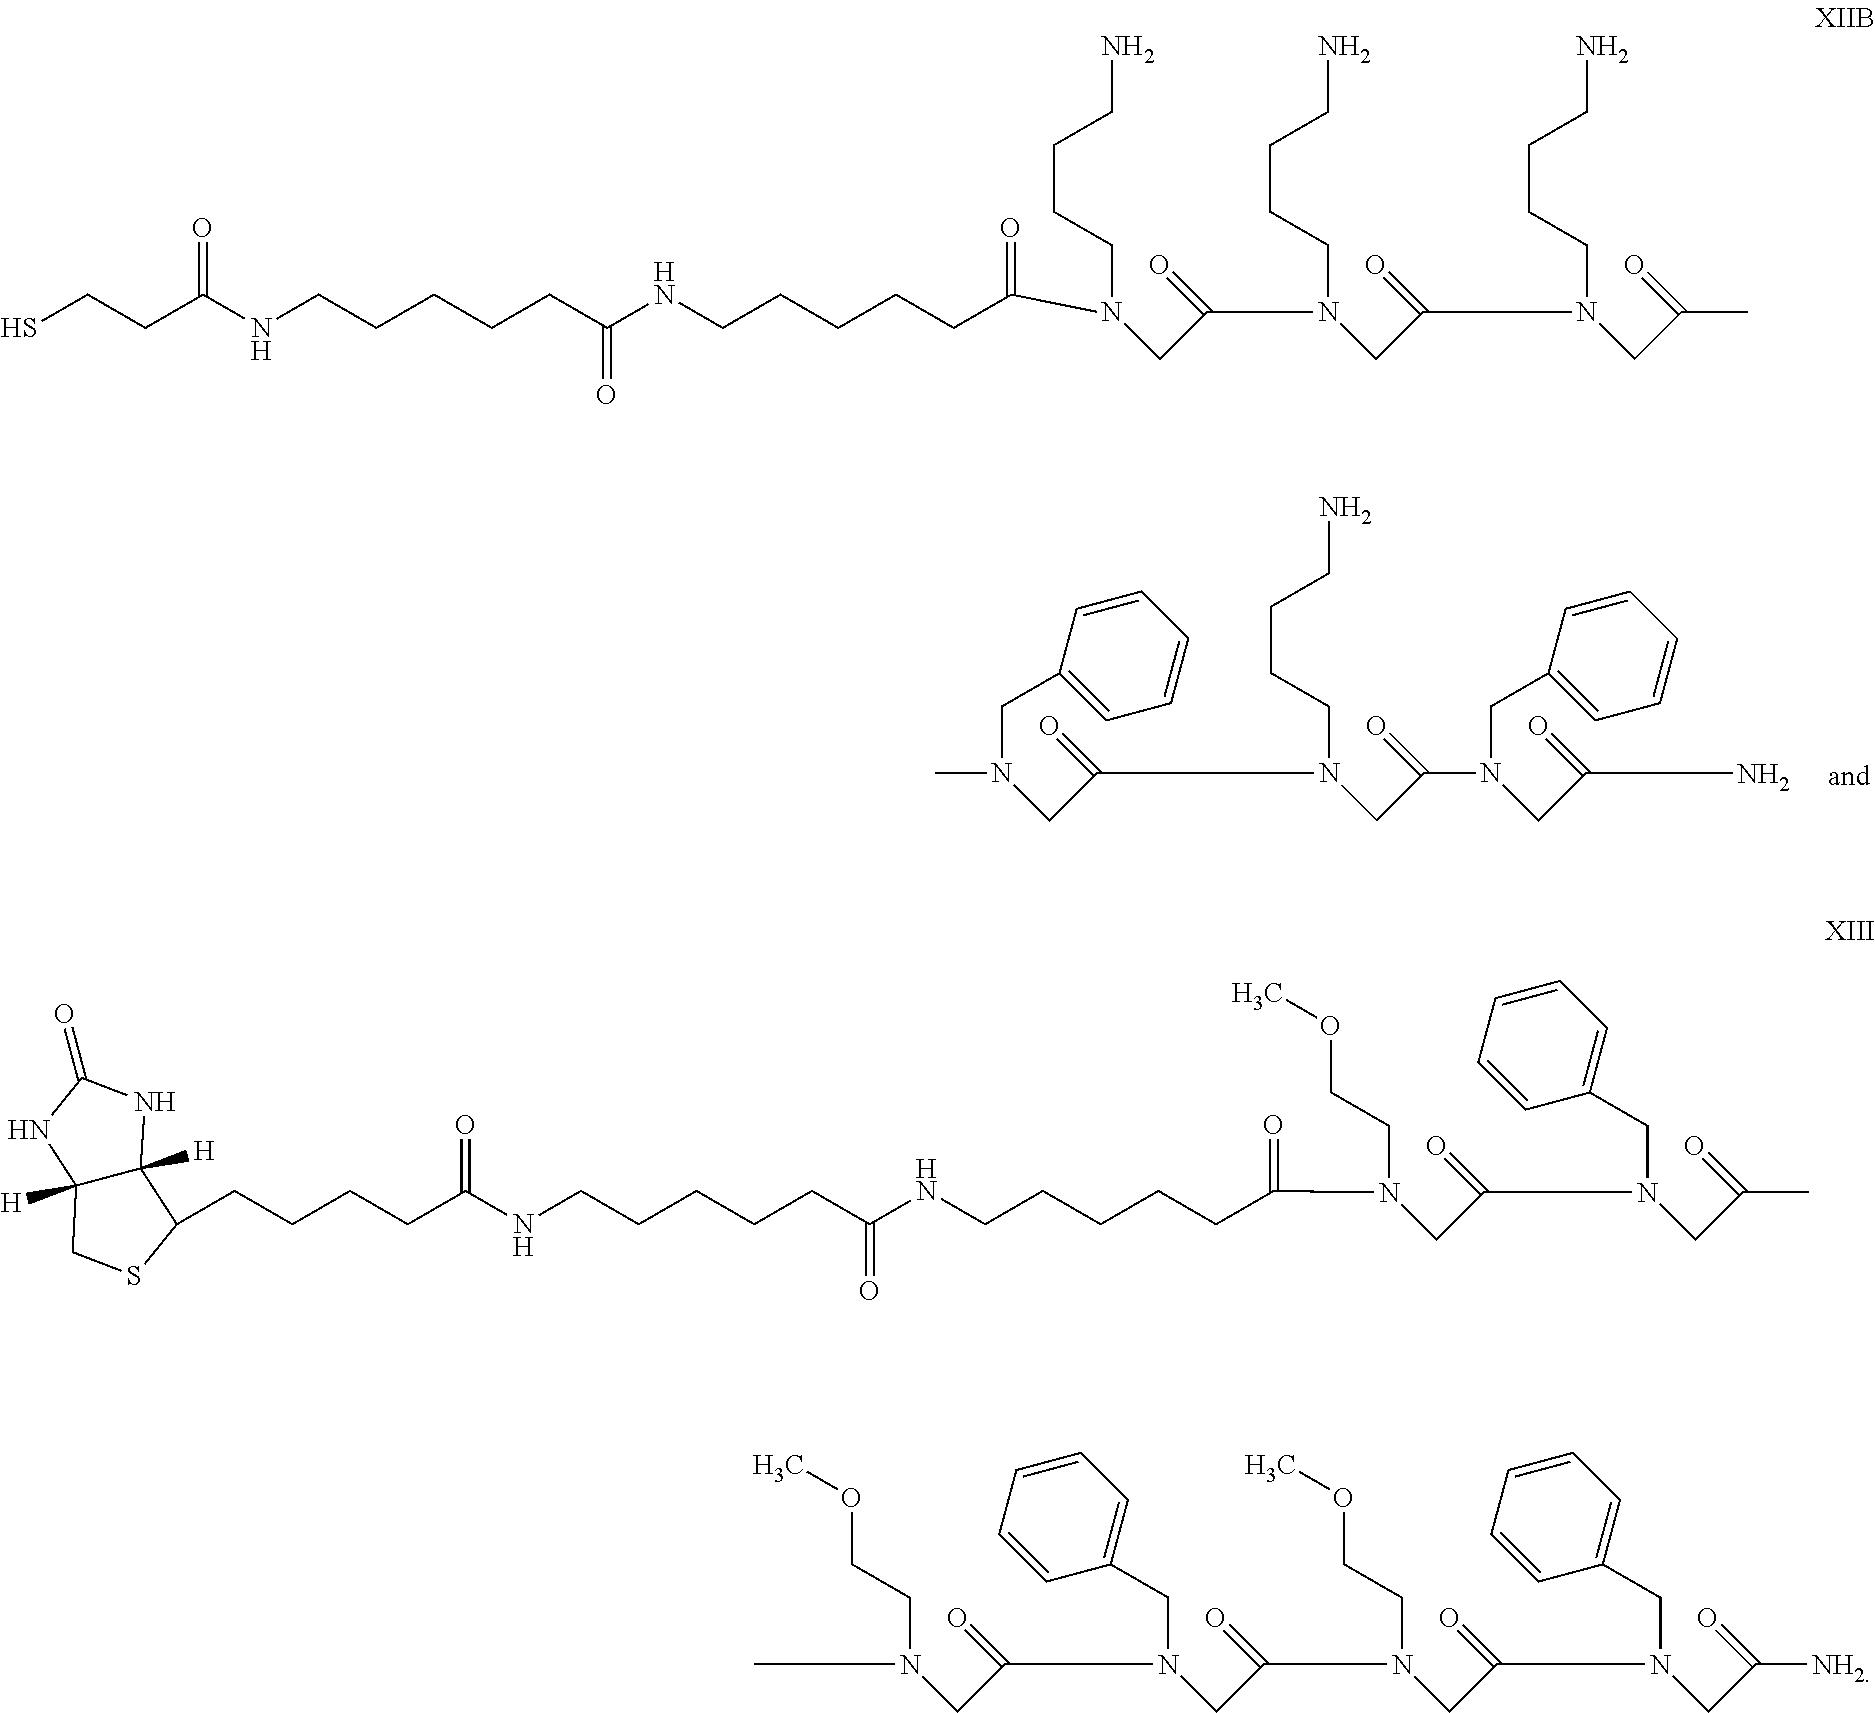 Figure US20110189692A1-20110804-C00012